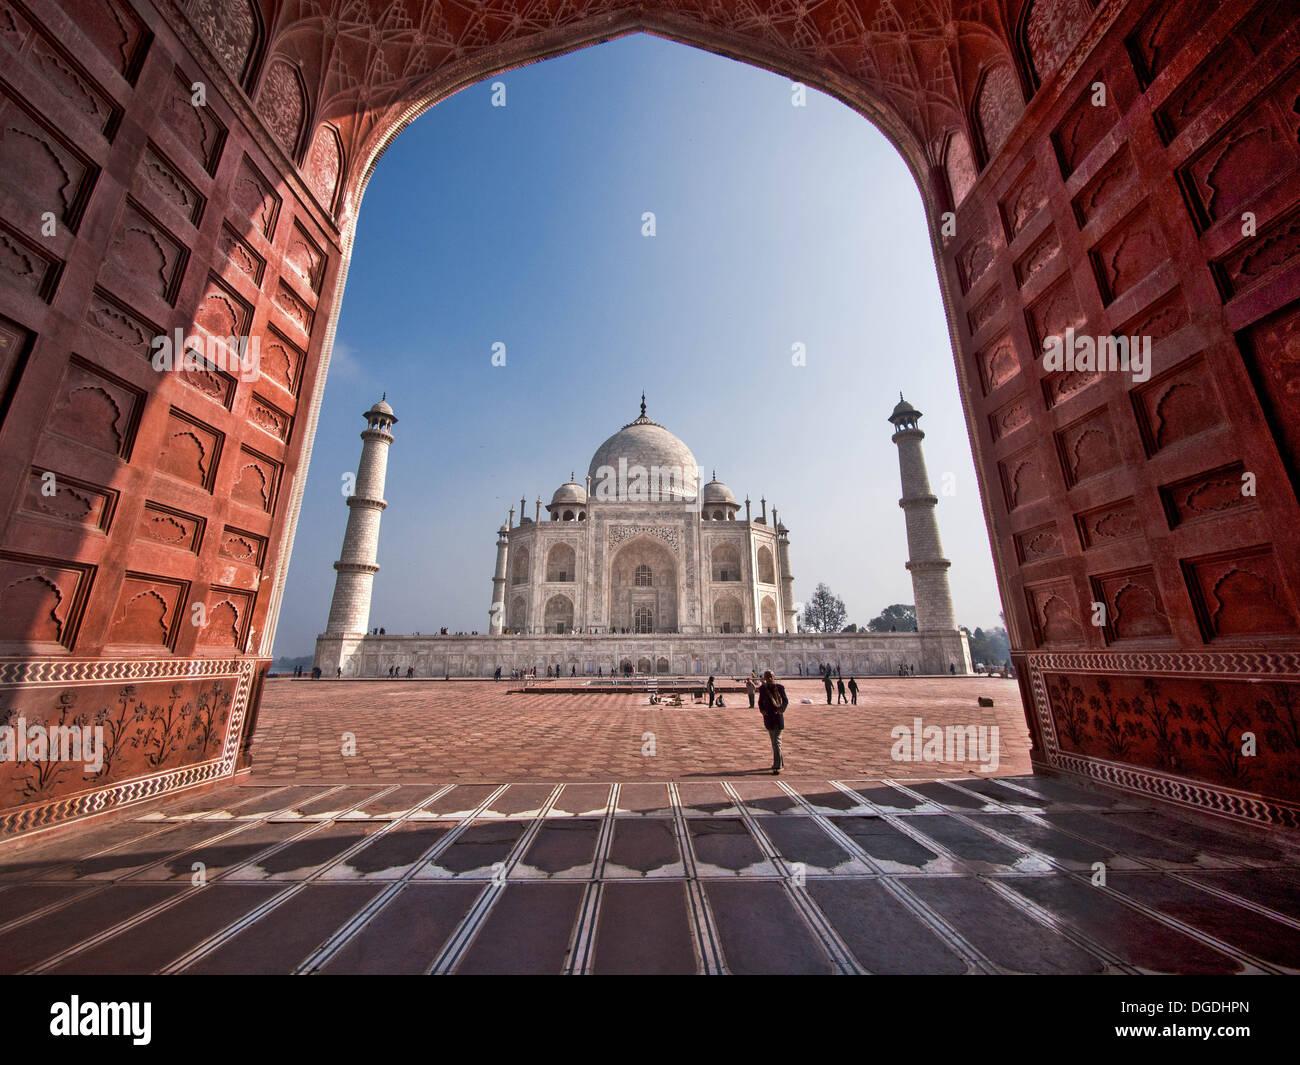 Famosa in tutto il mondo, Taj Mahal di Agra, Uttar Pradesh, India. Immagini Stock